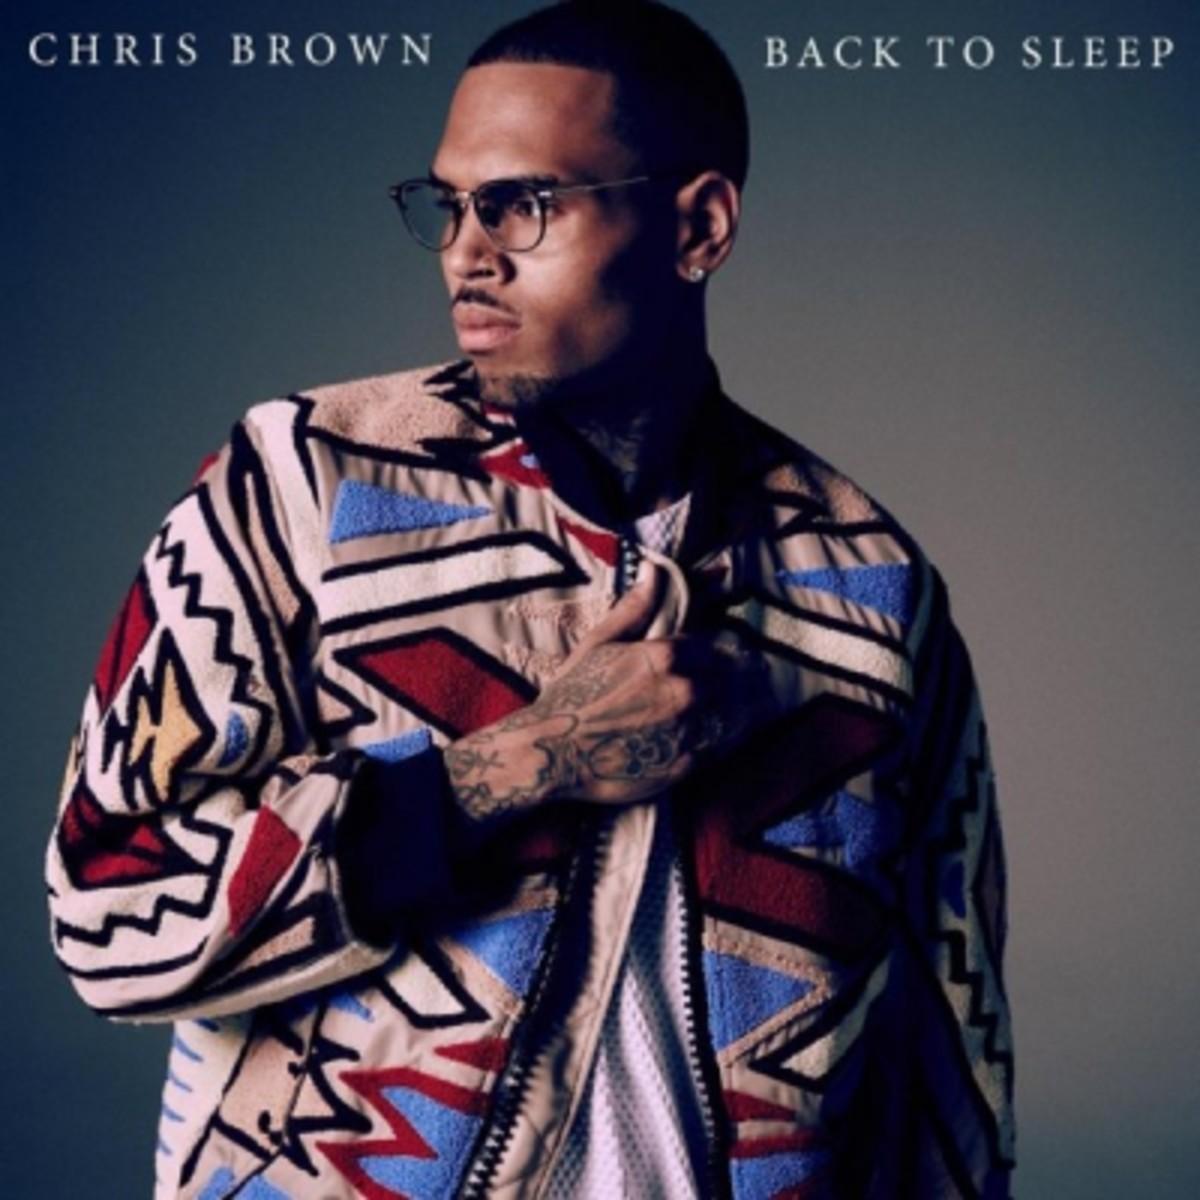 chris-brown-back-to-sleep.jpg